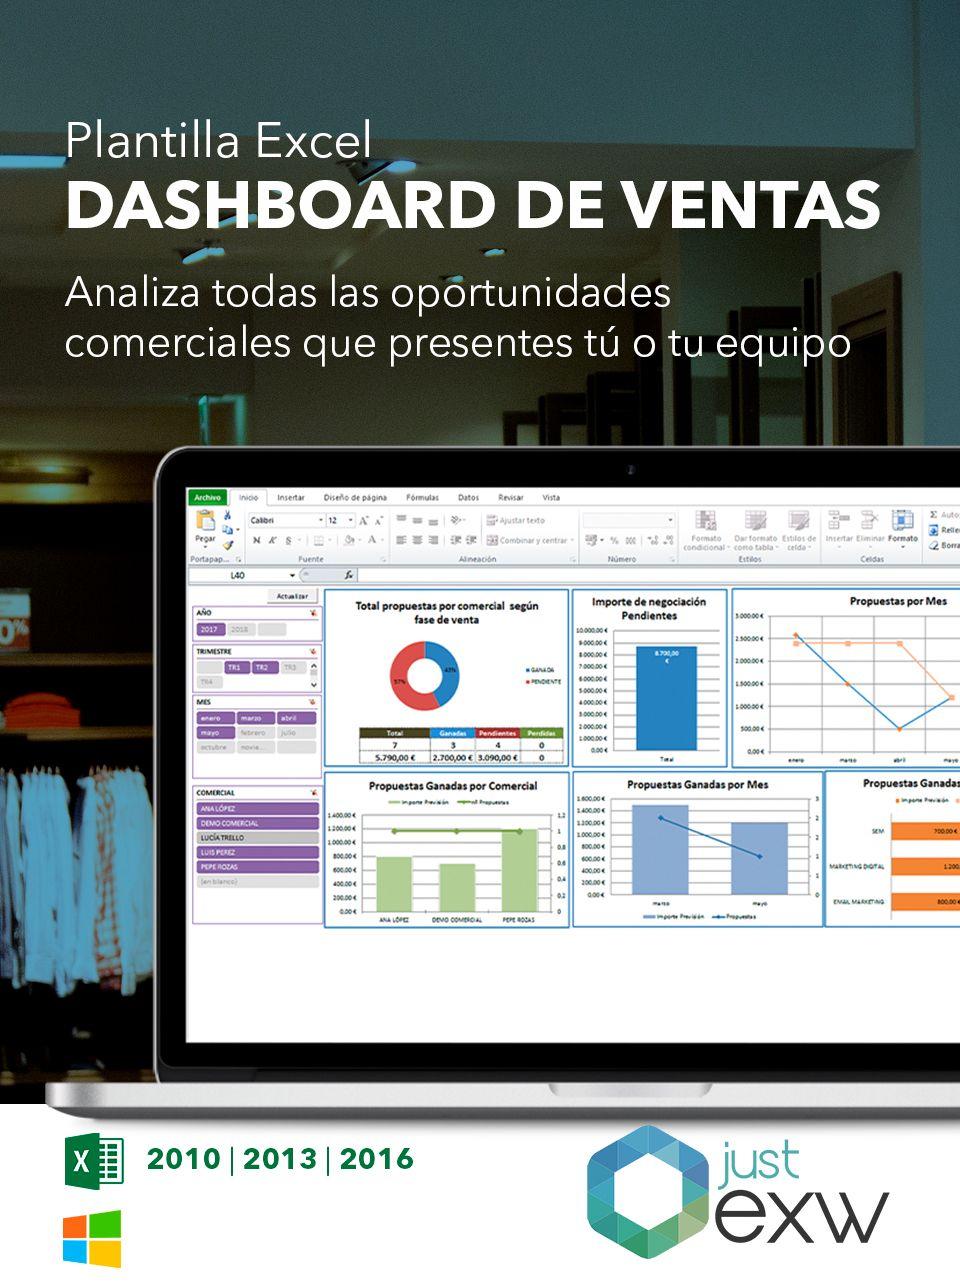 Plantilla del Plan comercial con Excel | Plantilla para descargar